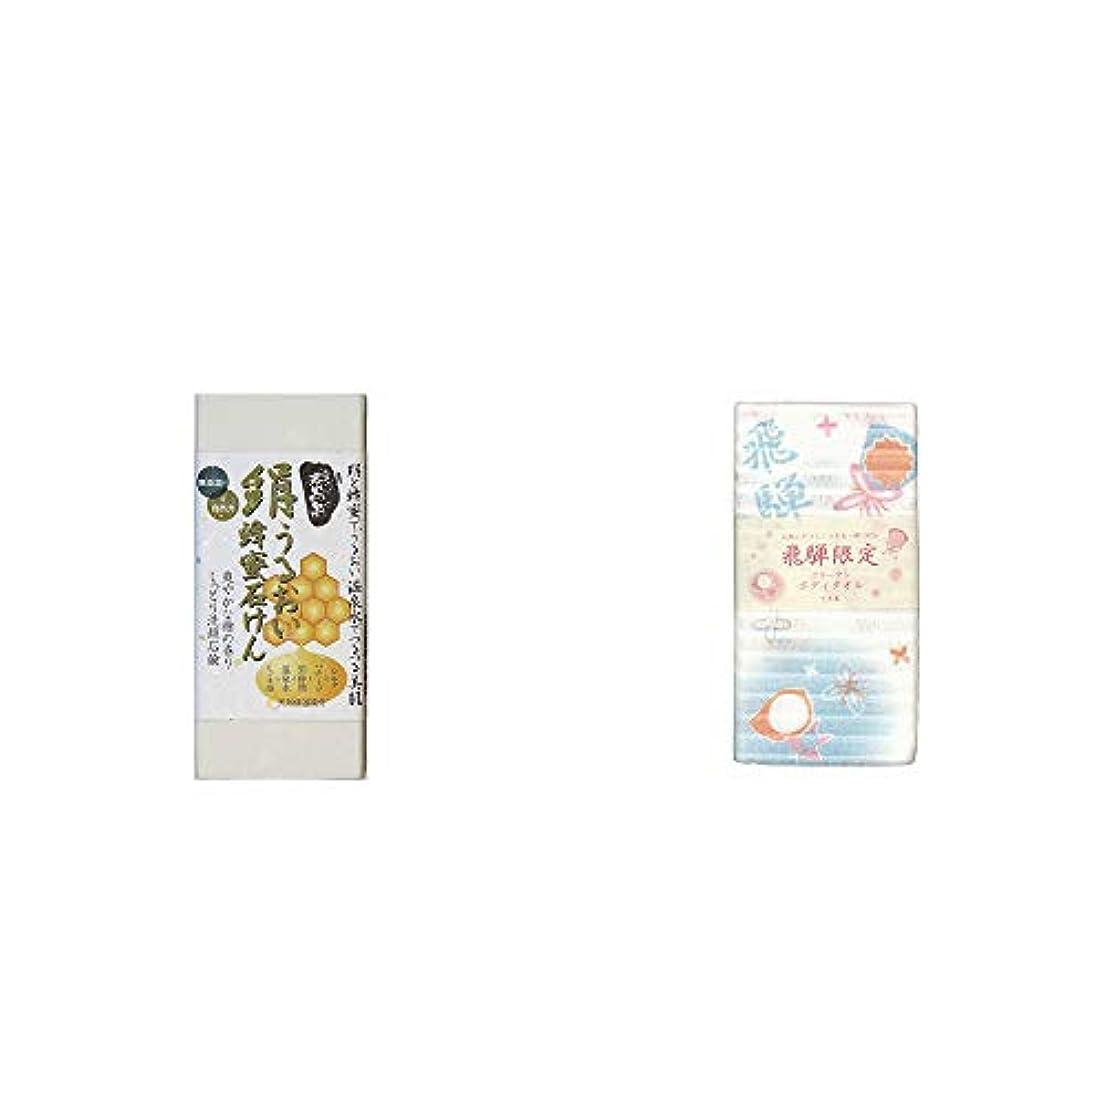 コテージ療法麦芽[2点セット] ひのき炭黒泉 絹うるおい蜂蜜石けん(75g×2)?(飛騨限定)さるぼぼ コラーゲンボディタオル【白】(綿100%)